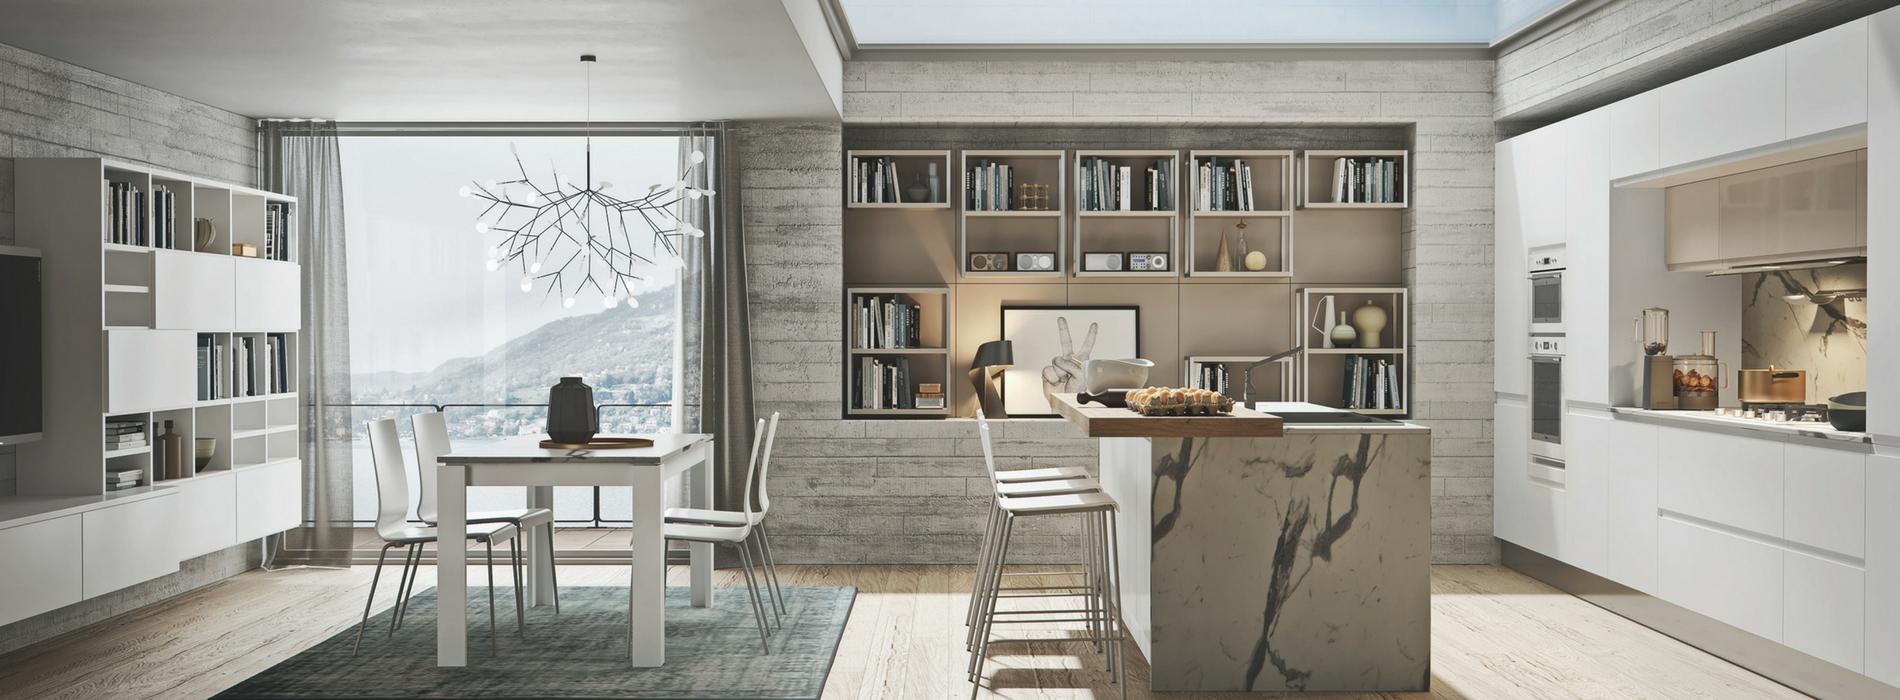 Cucine open space con isola la scelta giusta variata - Cucine open space con isola ...